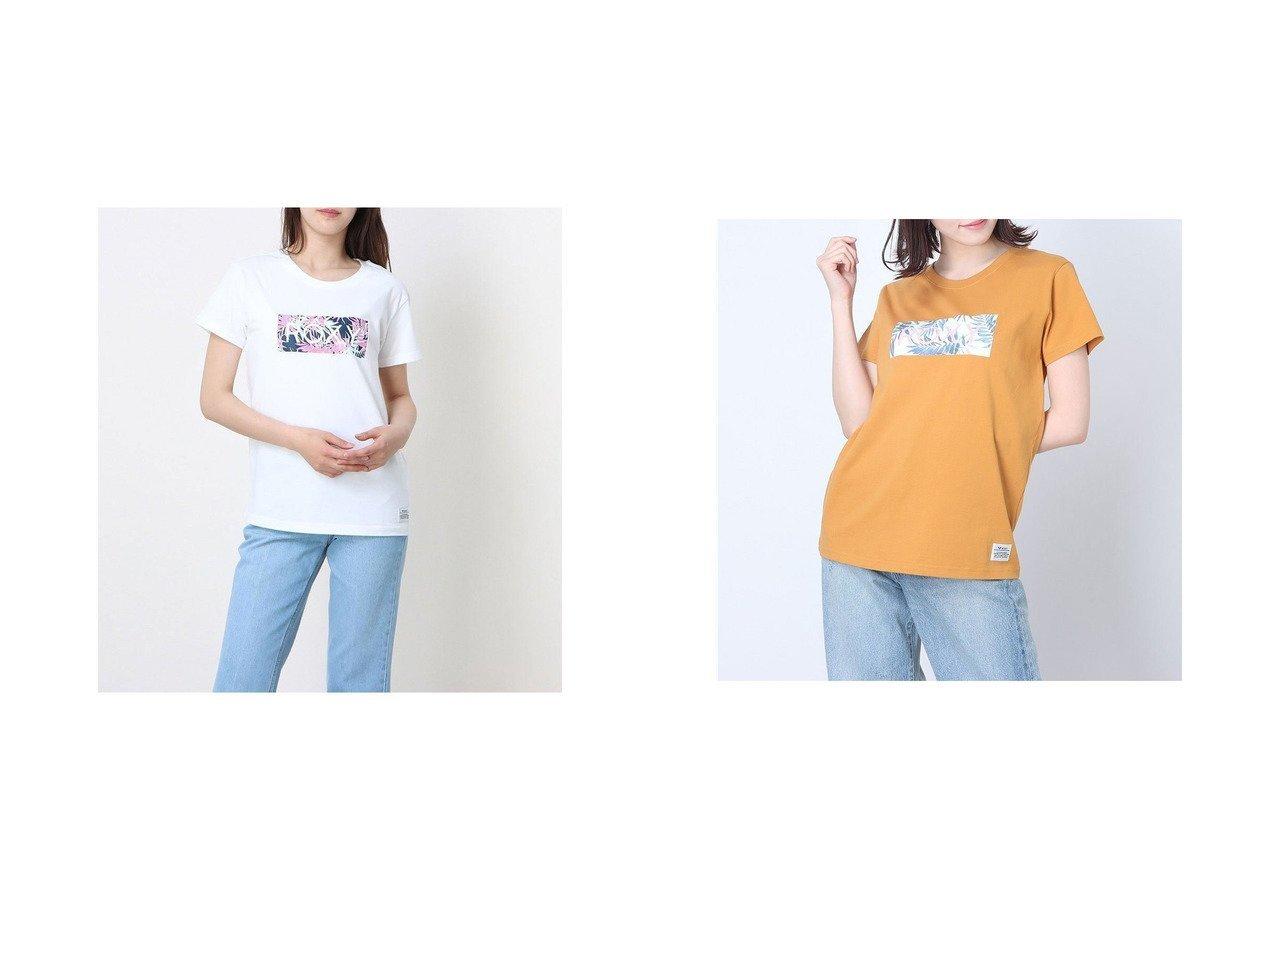 【ROXY/ロキシー】のロキシー ルーズシルエット ボタニカルロゴTシャツ RST202026 【トップス・カットソー】おすすめ!人気、トレンド・レディースファッションの通販 おすすめで人気の流行・トレンド、ファッションの通販商品 インテリア・家具・メンズファッション・キッズファッション・レディースファッション・服の通販 founy(ファニー) https://founy.com/ ファッション Fashion レディースファッション WOMEN トップス・カットソー Tops/Tshirt シャツ/ブラウス Shirts/Blouses ロング / Tシャツ T-Shirts ショート シンプル スマート ビーチ フロント リーフ レギンス |ID:crp329100000045320